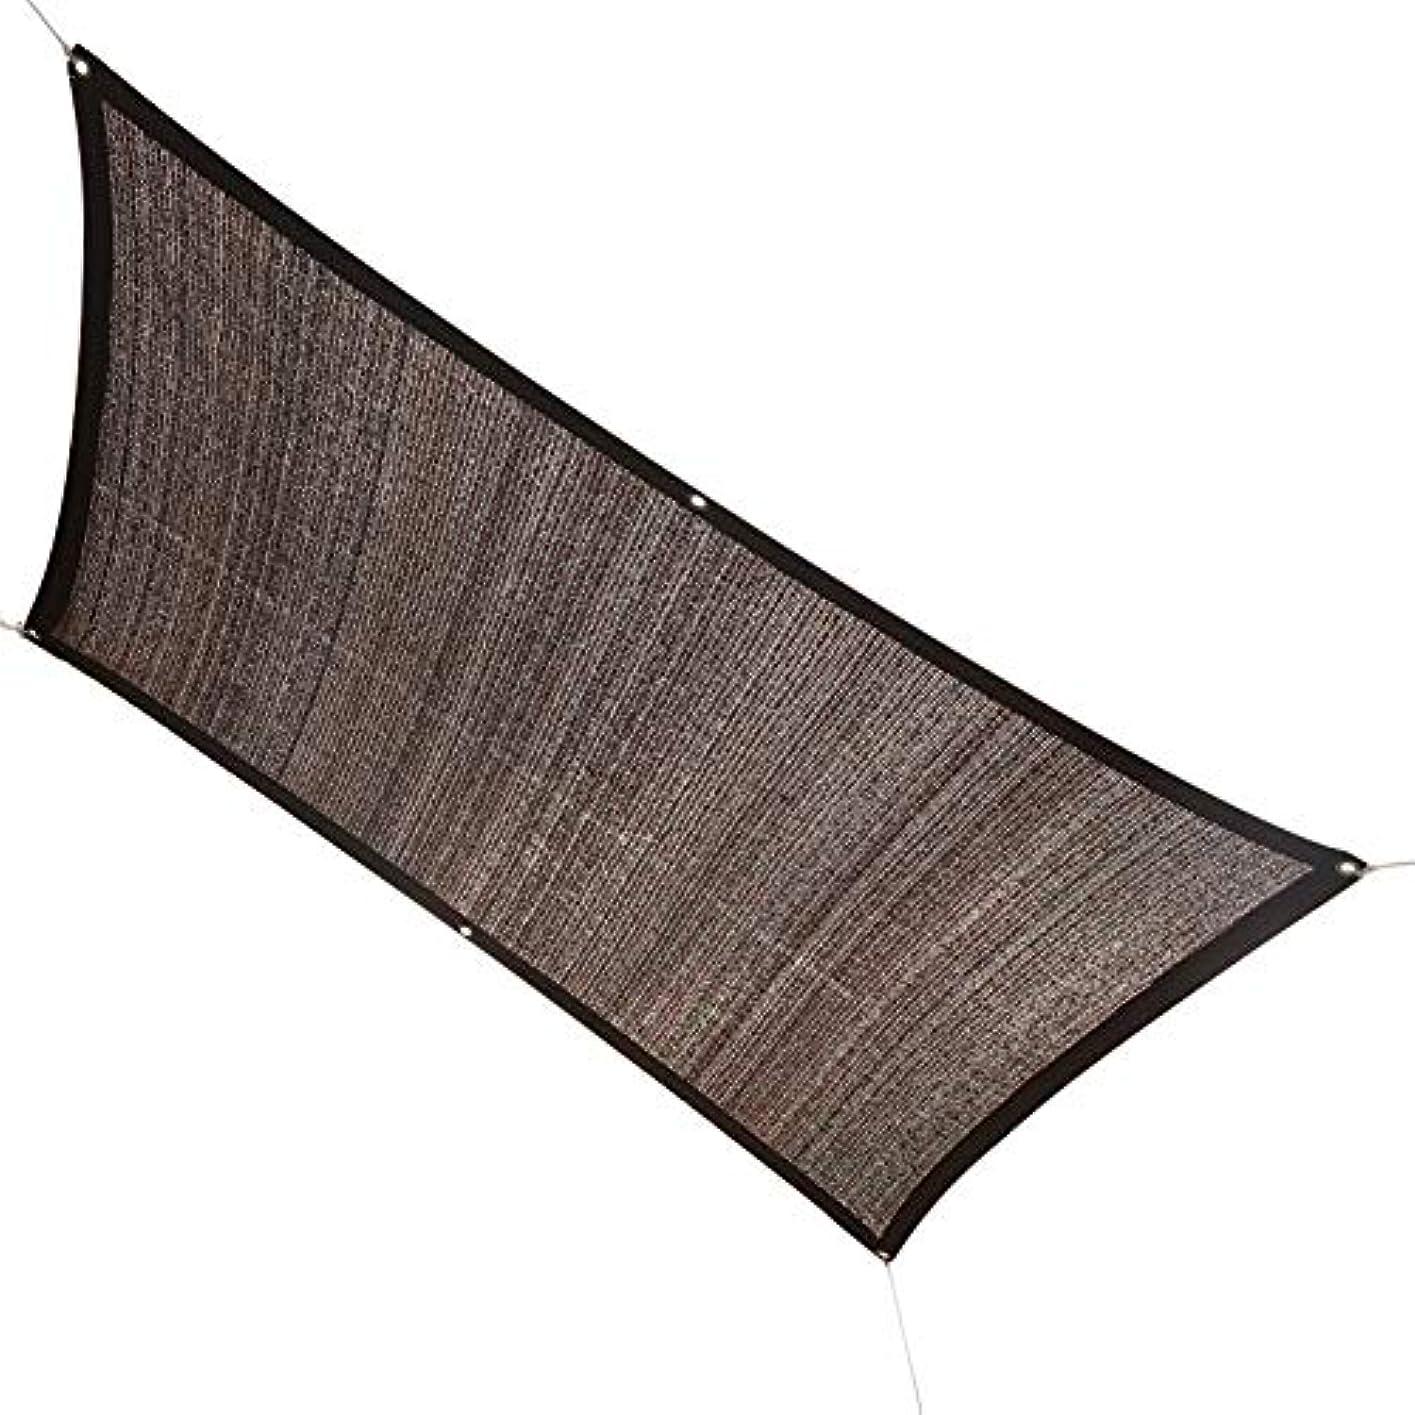 示す好み恋人SHIJINHAO シェードセイル オーニングシェード遮光ネット 温室 野菜 カバー 端 広がり 金属穴付き アウトドア ユニバーサルタイプ ポリエステル、18サイズ (Color : Brown, Size : 3x5m)